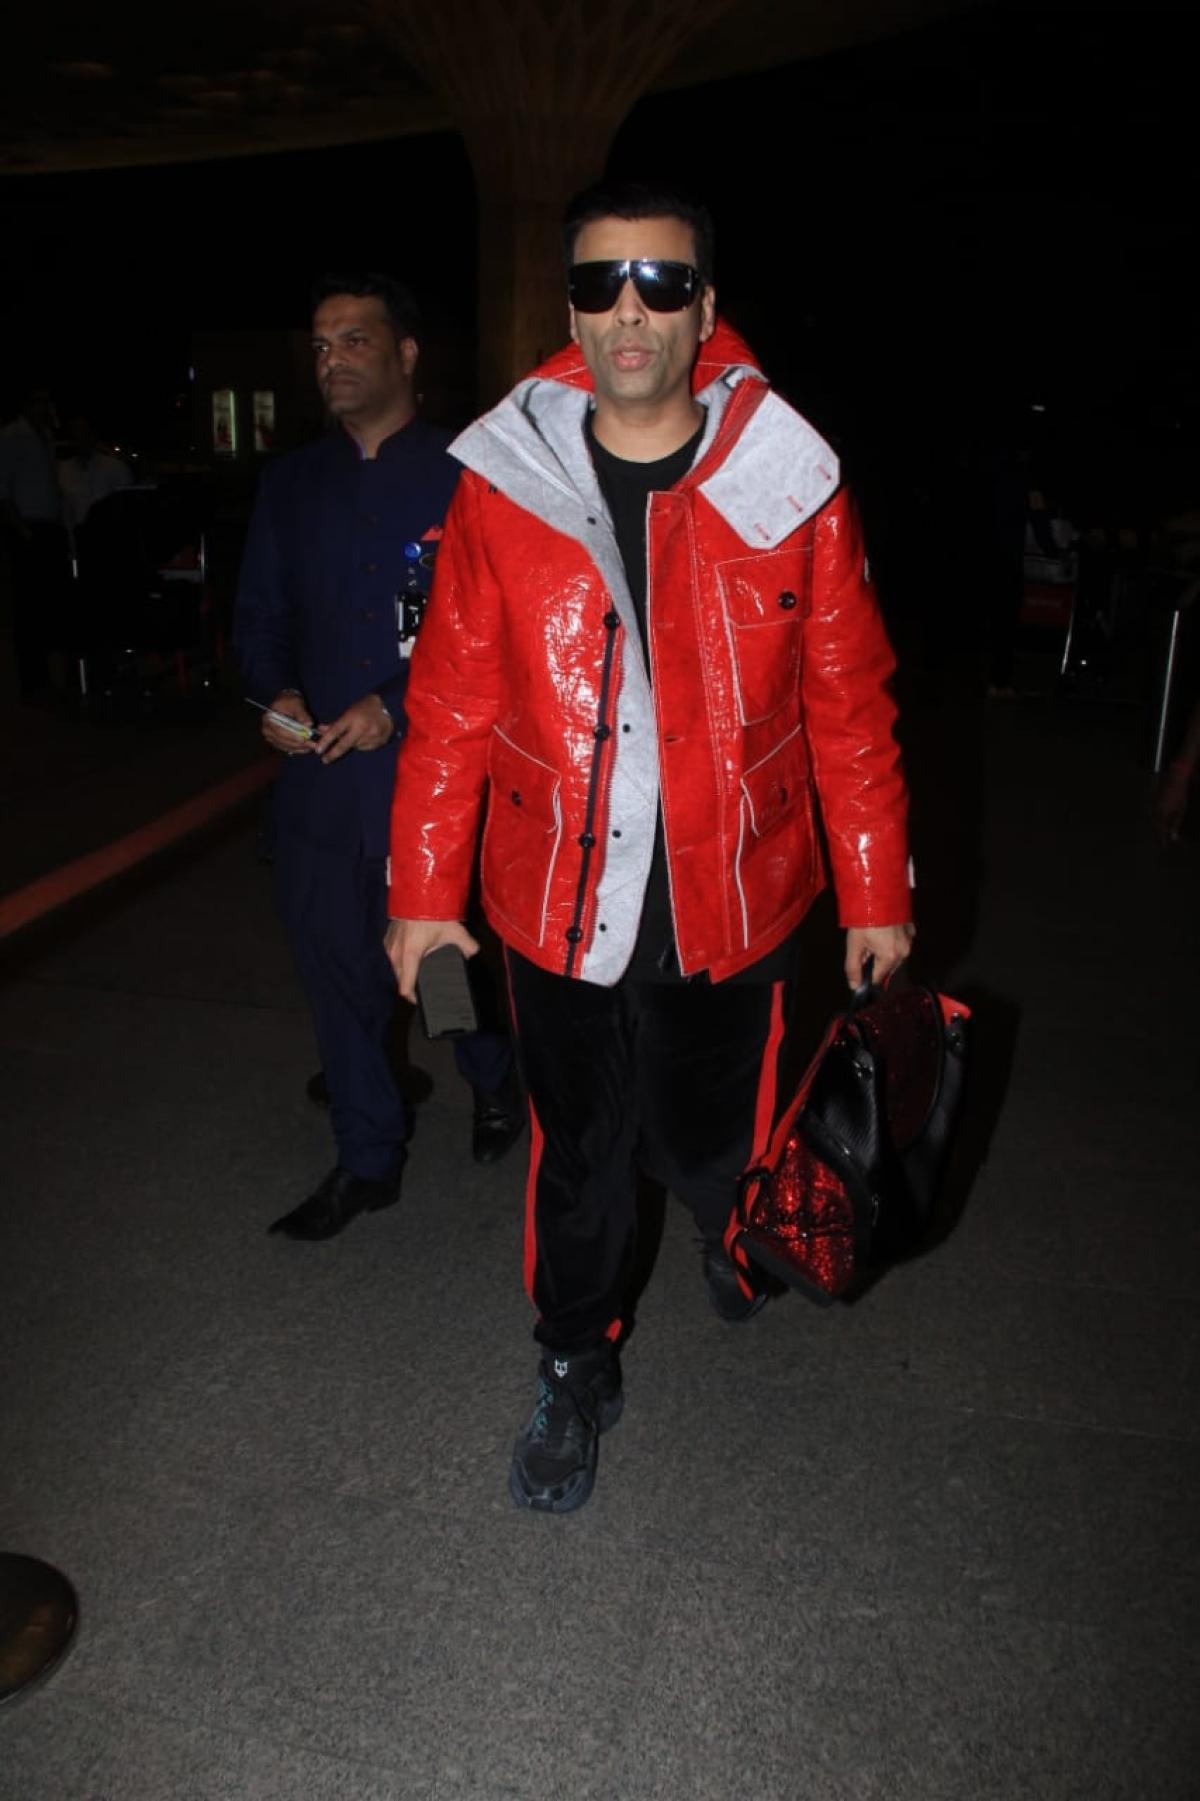 FPJ Fashion Police: Despite Dharma coming under IT scanner, Karan Johar flaunts Rs 1.8 lakh bag